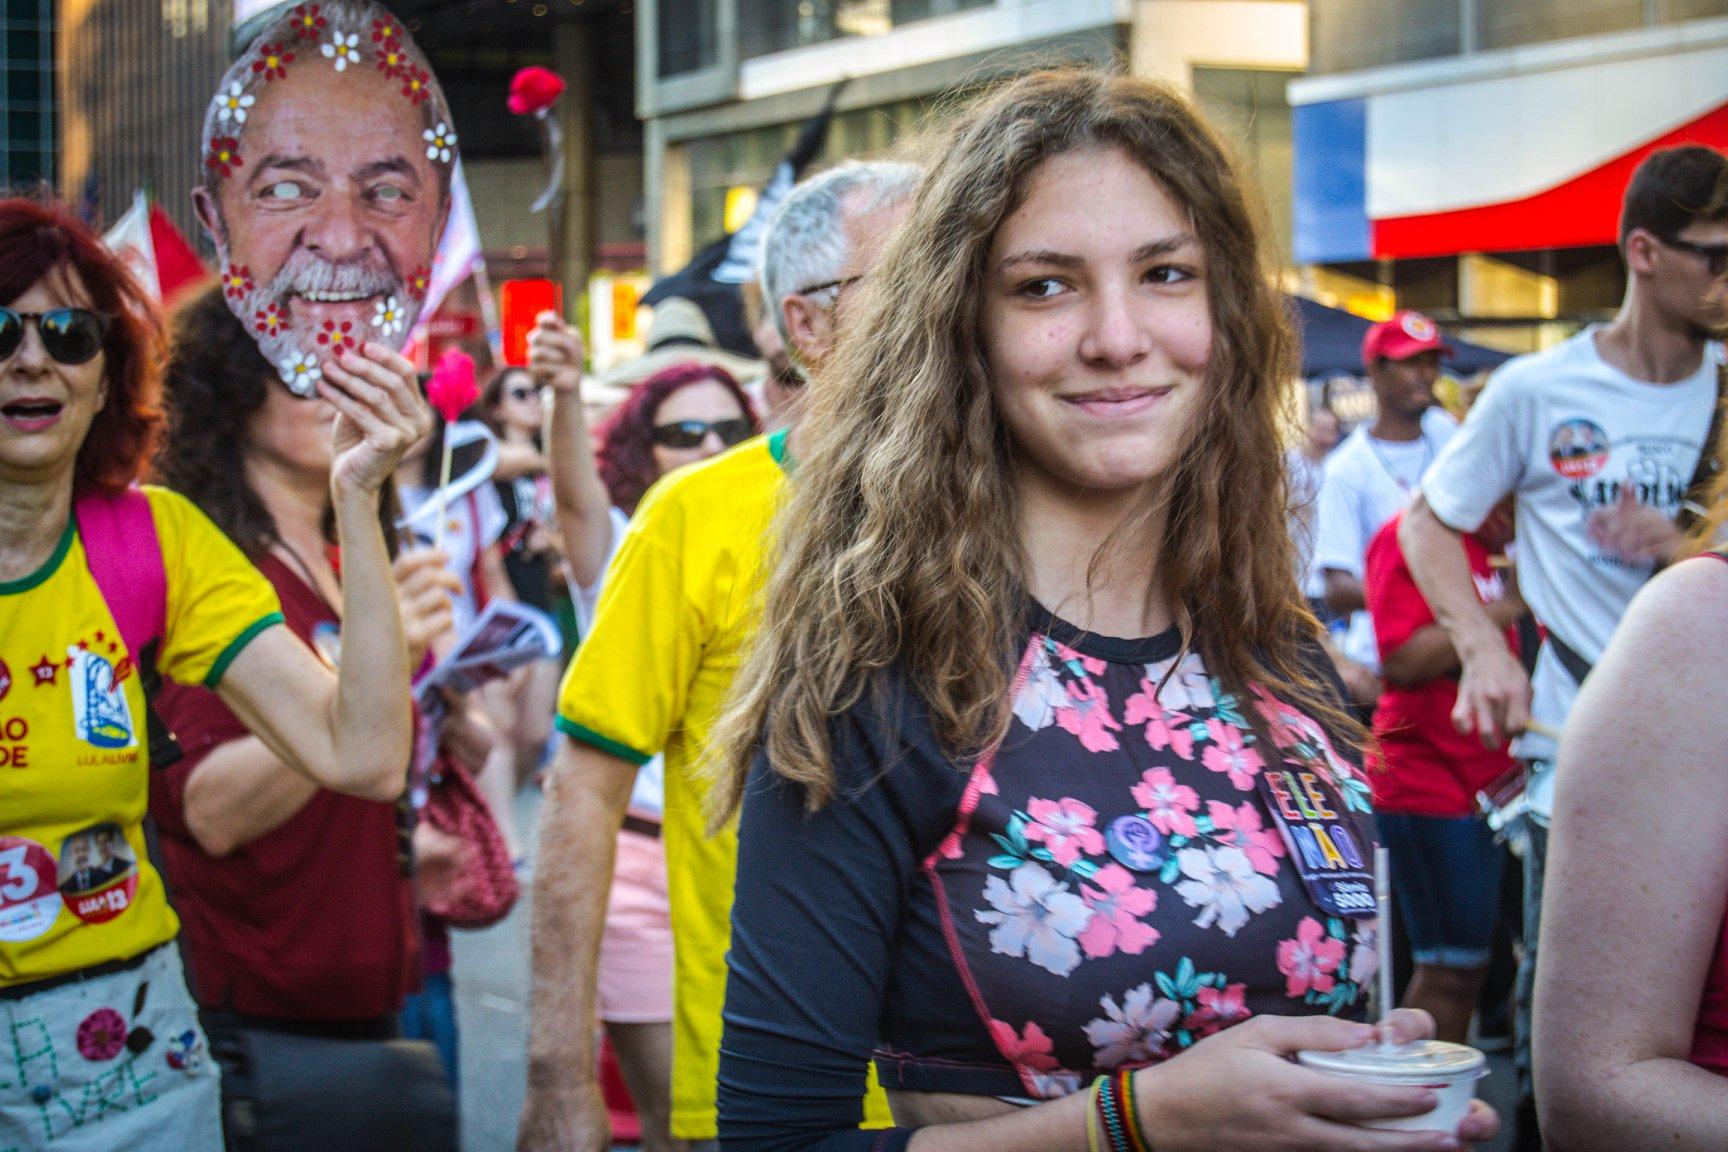 FOTO8A-Bloco vem com Lula